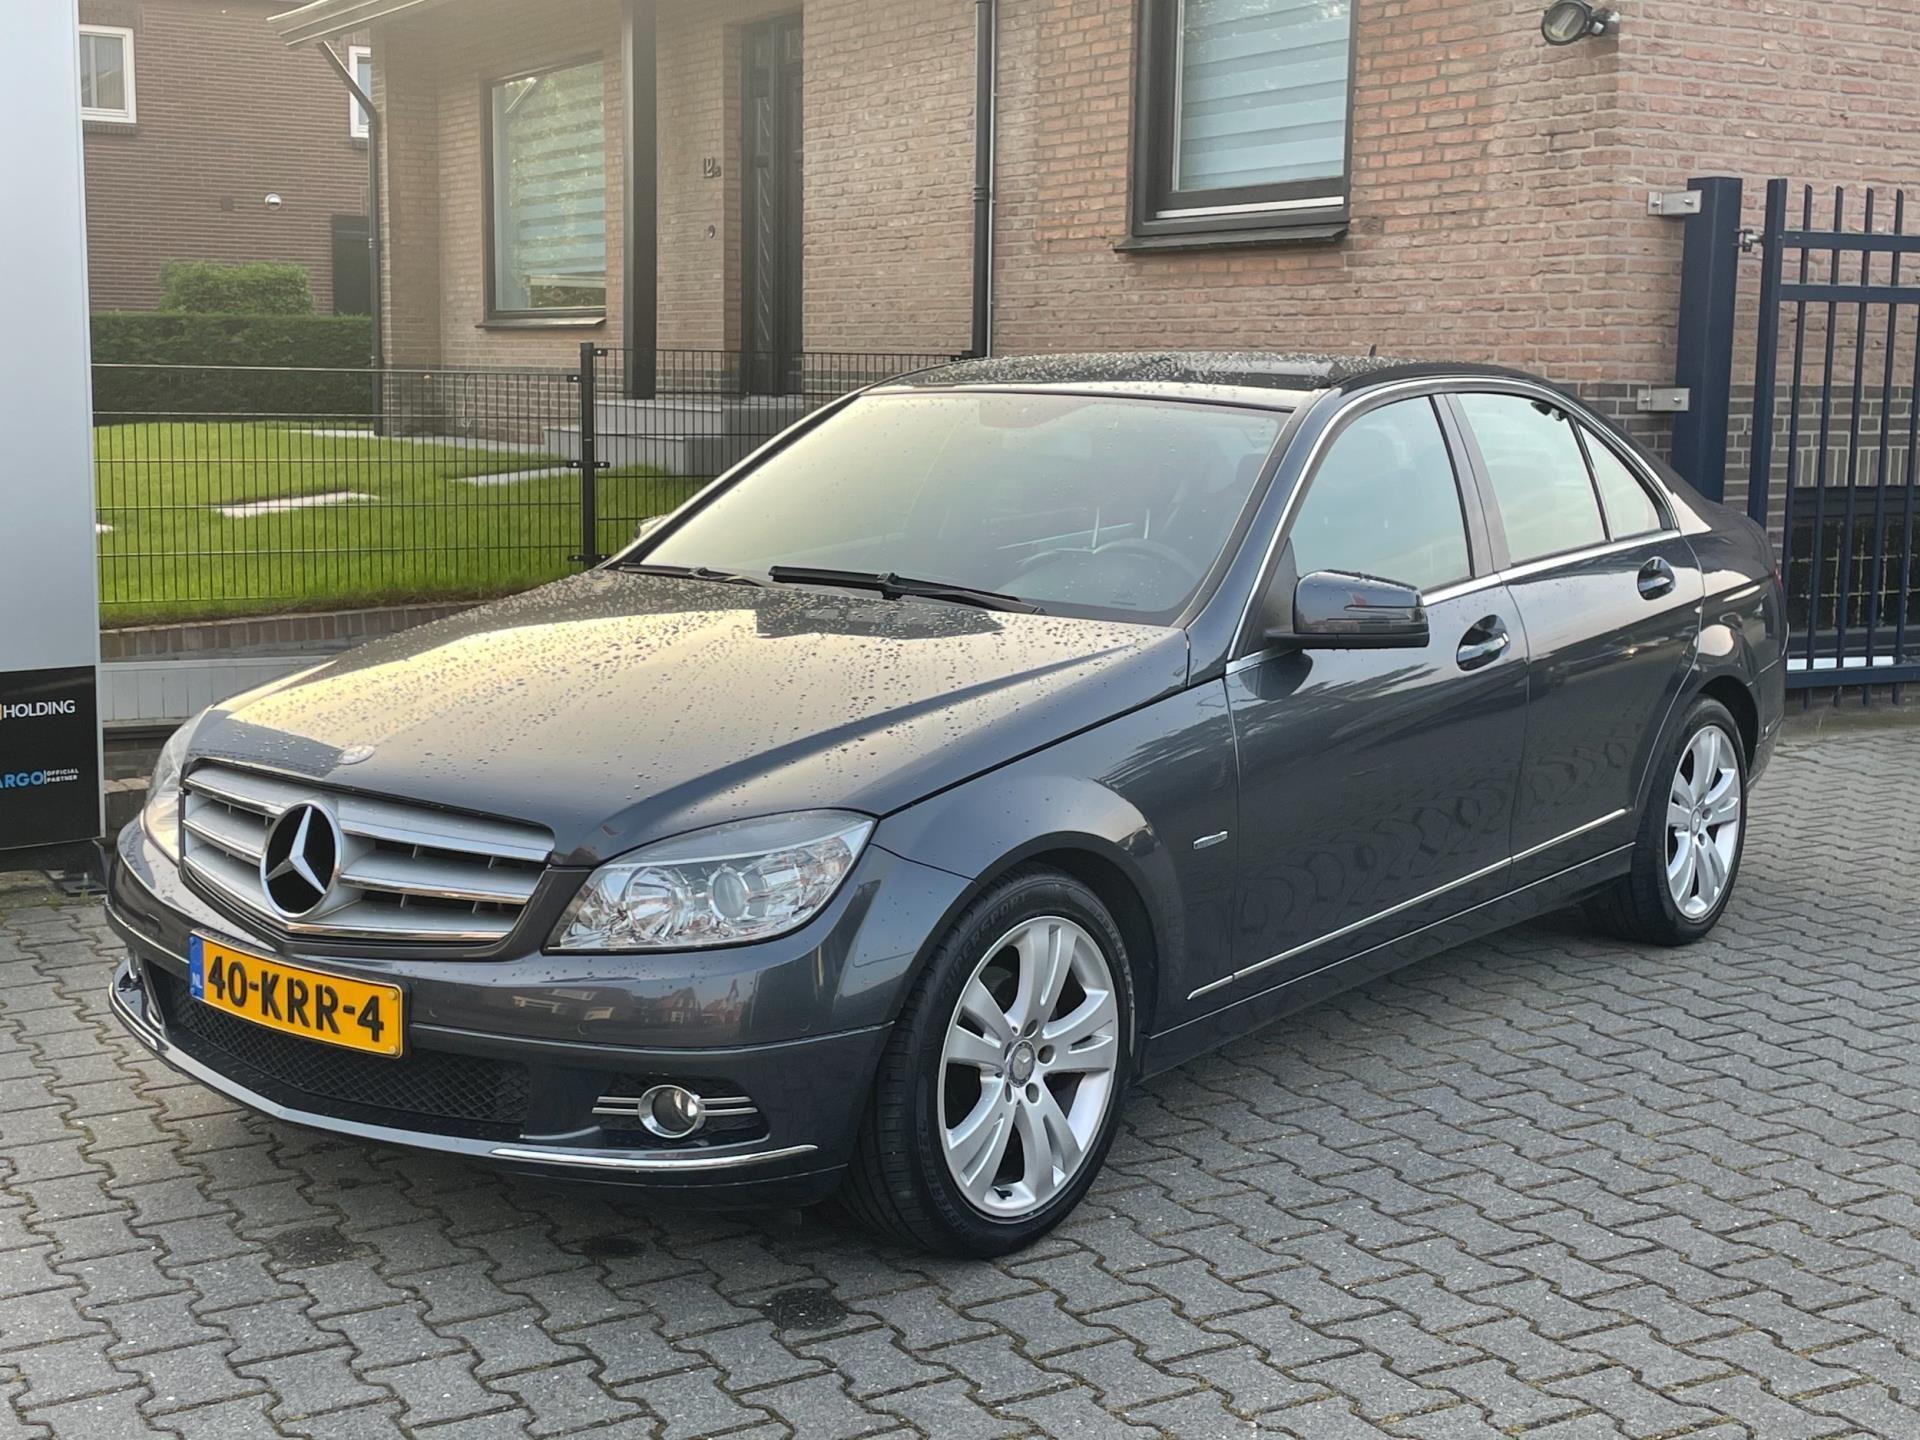 Mercedes-Benz C-klasse occasion - Dealer Outlet Cuijk b.v.